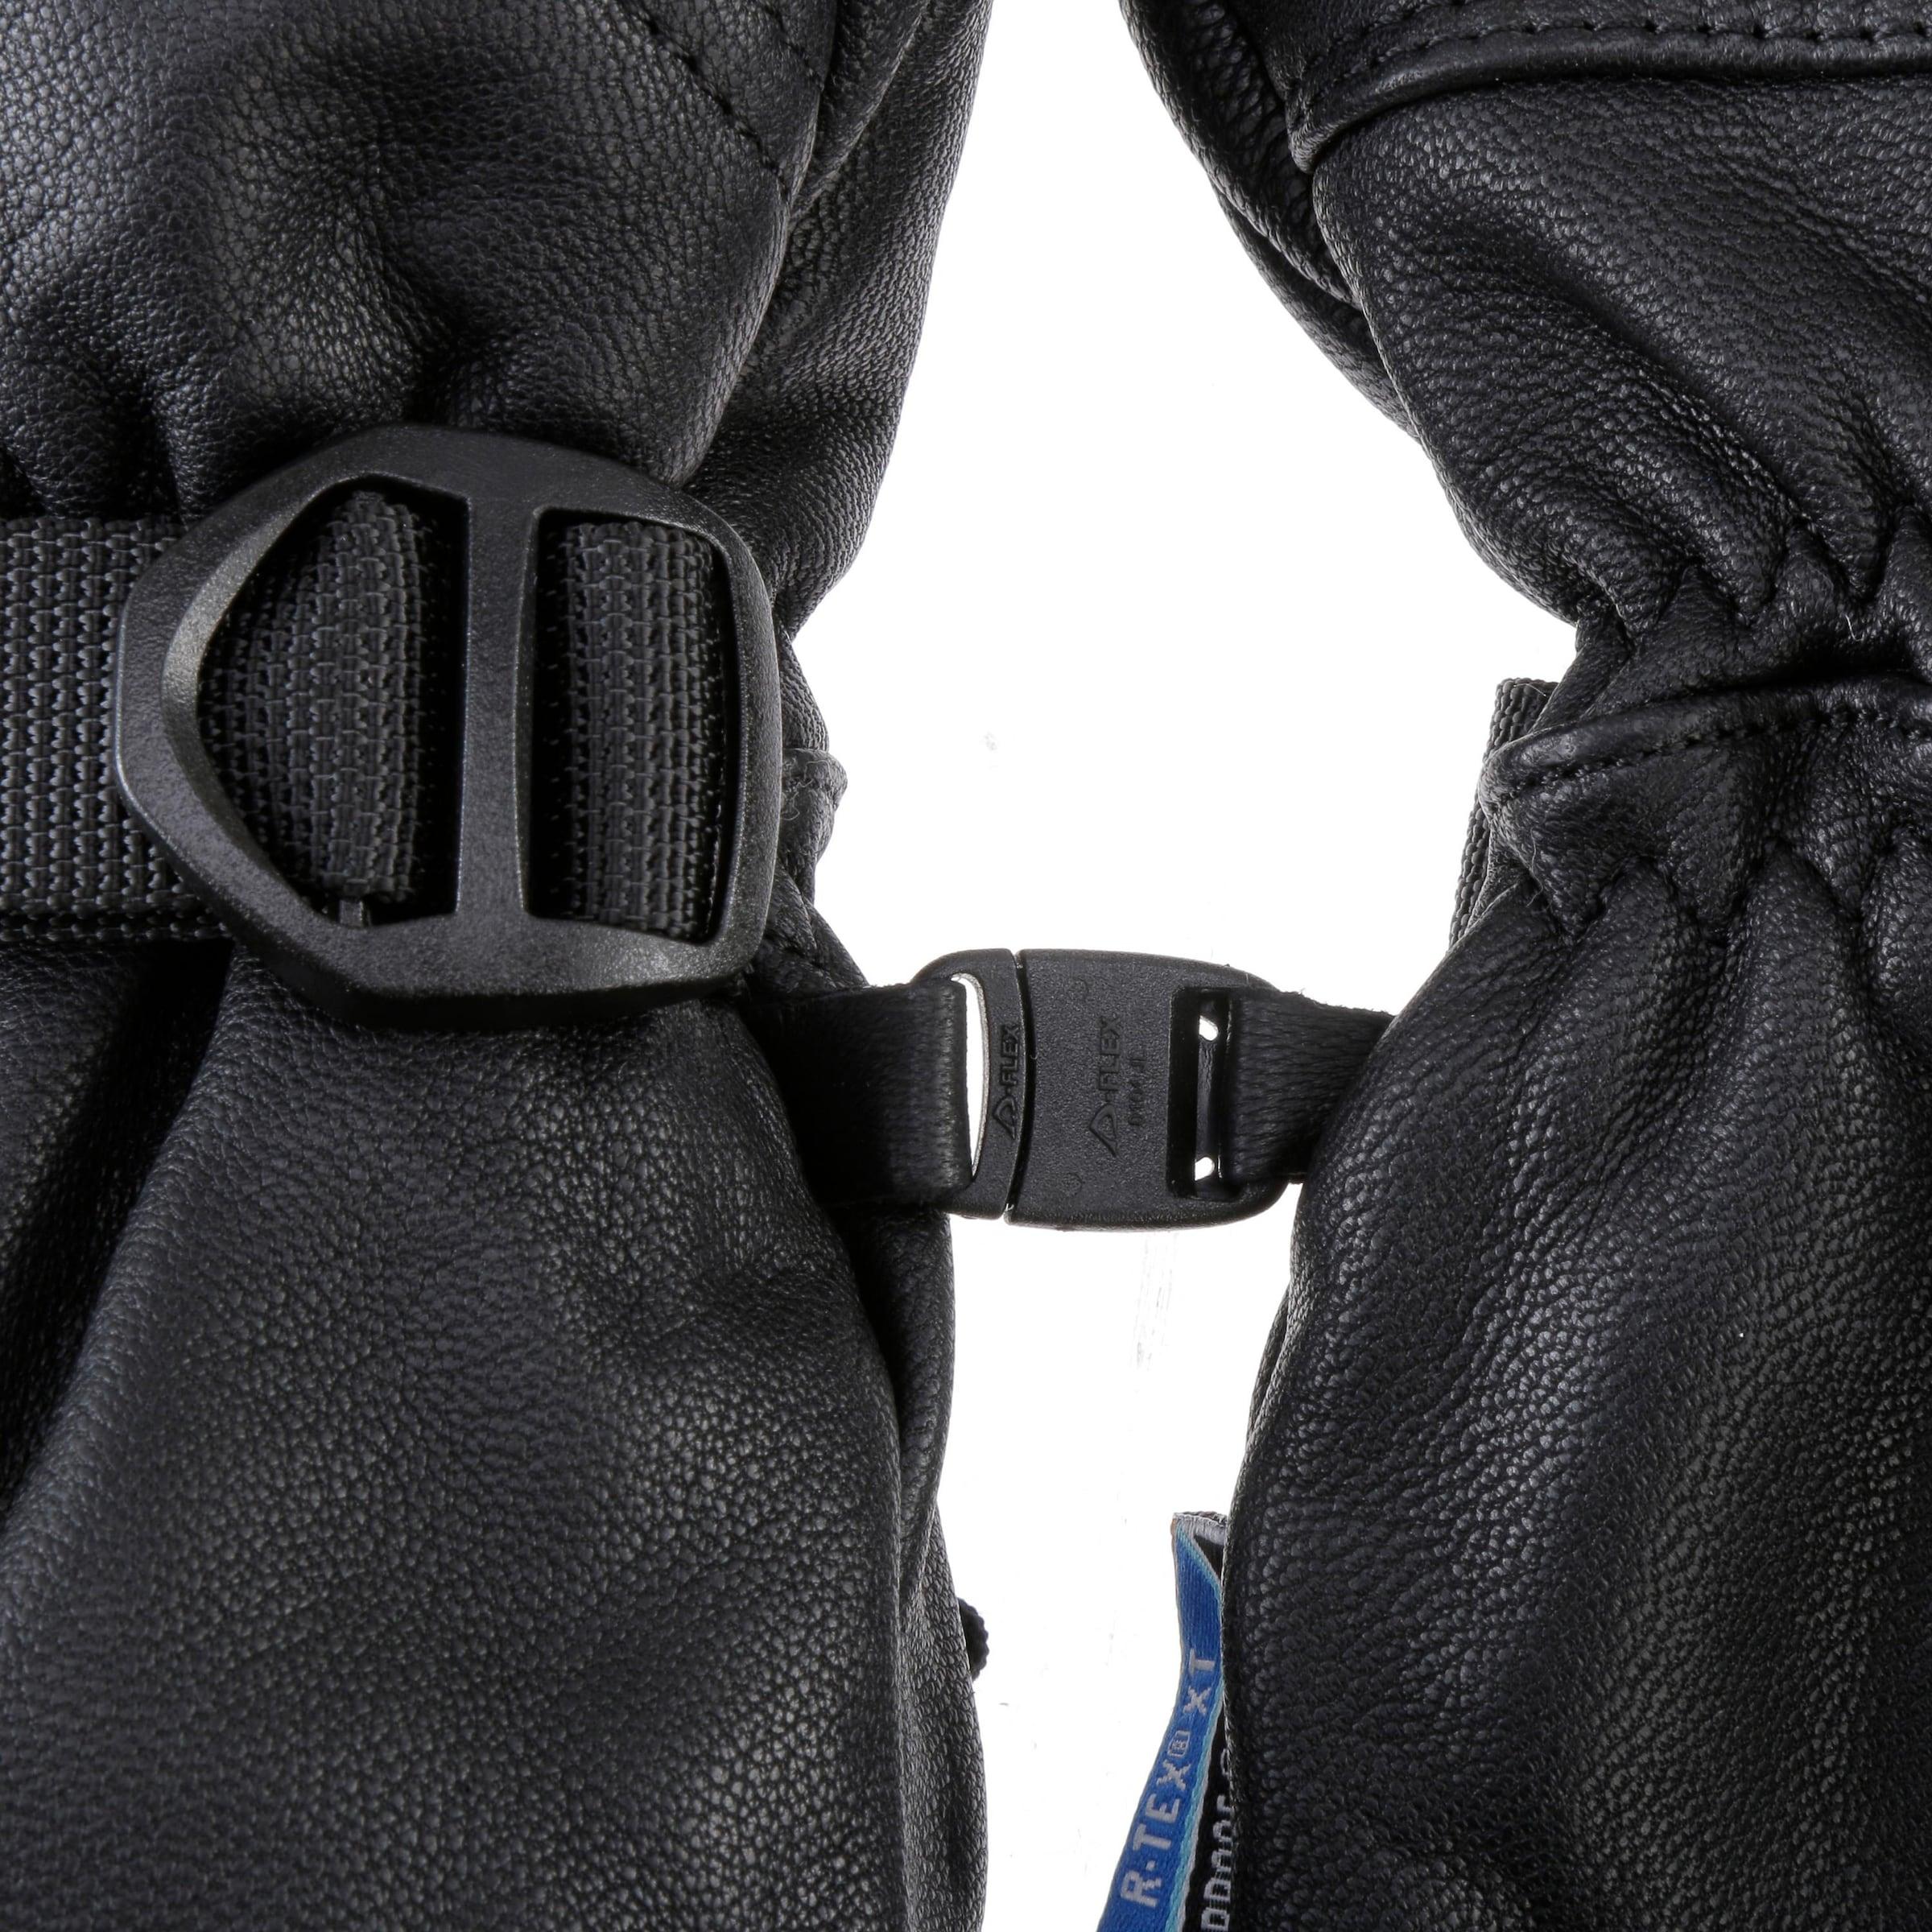 Reusch Reusch Skihandschuhe Skihandschuhe Schwarz In VqzGUMpS